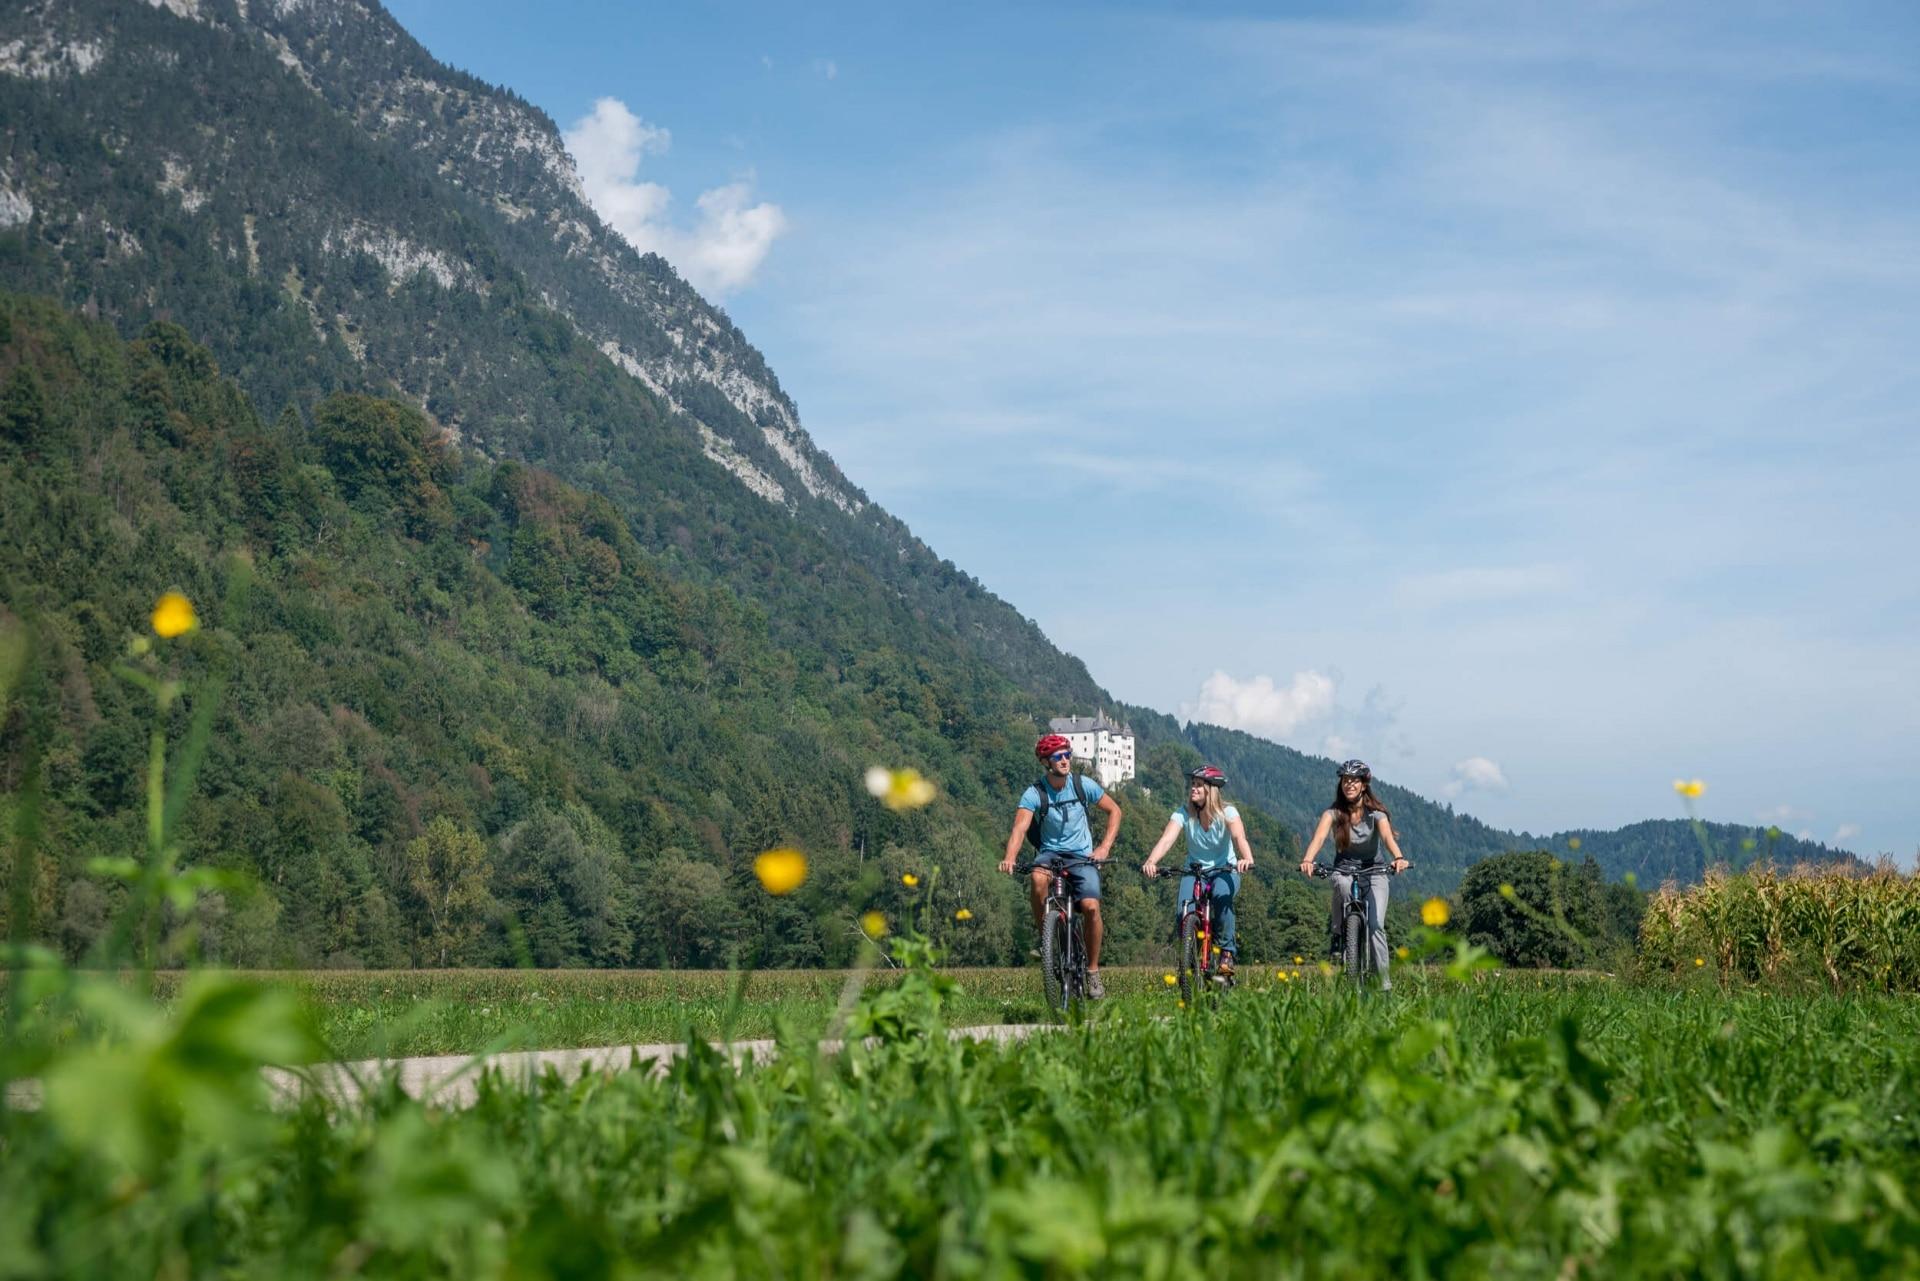 Genuss Radtour in der Silberregion Karwendel © ichmachefotos.com - Angelica Morales